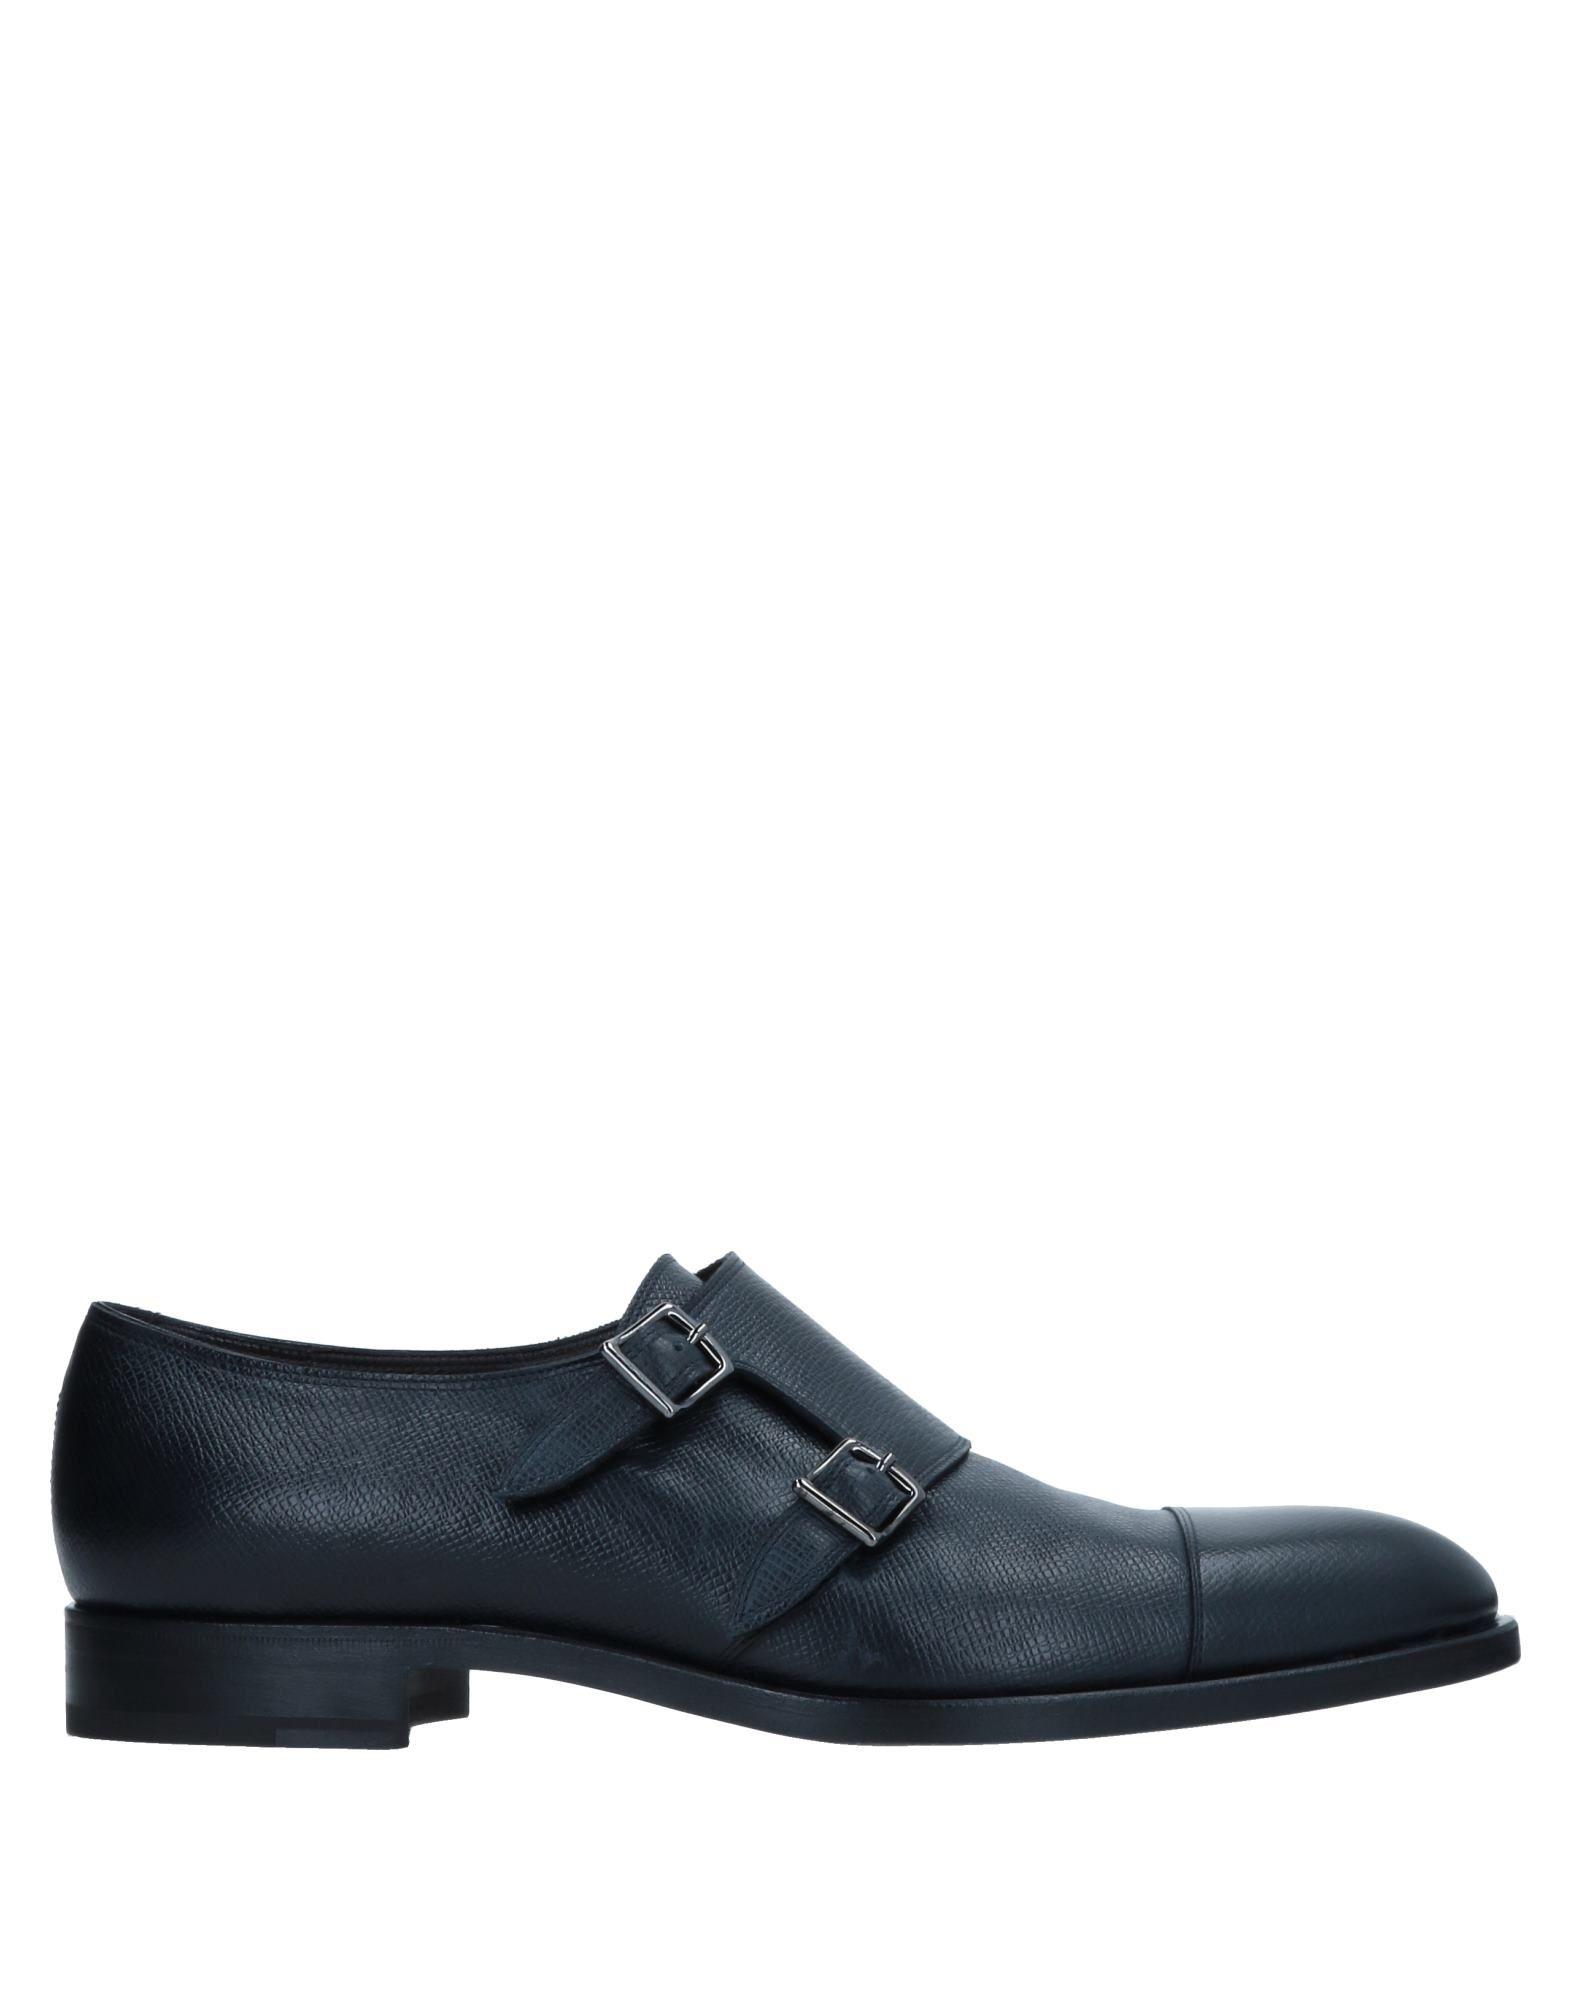 Fratelli Rossetti Mokassins Herren  11558004LH Gute Qualität beliebte Schuhe